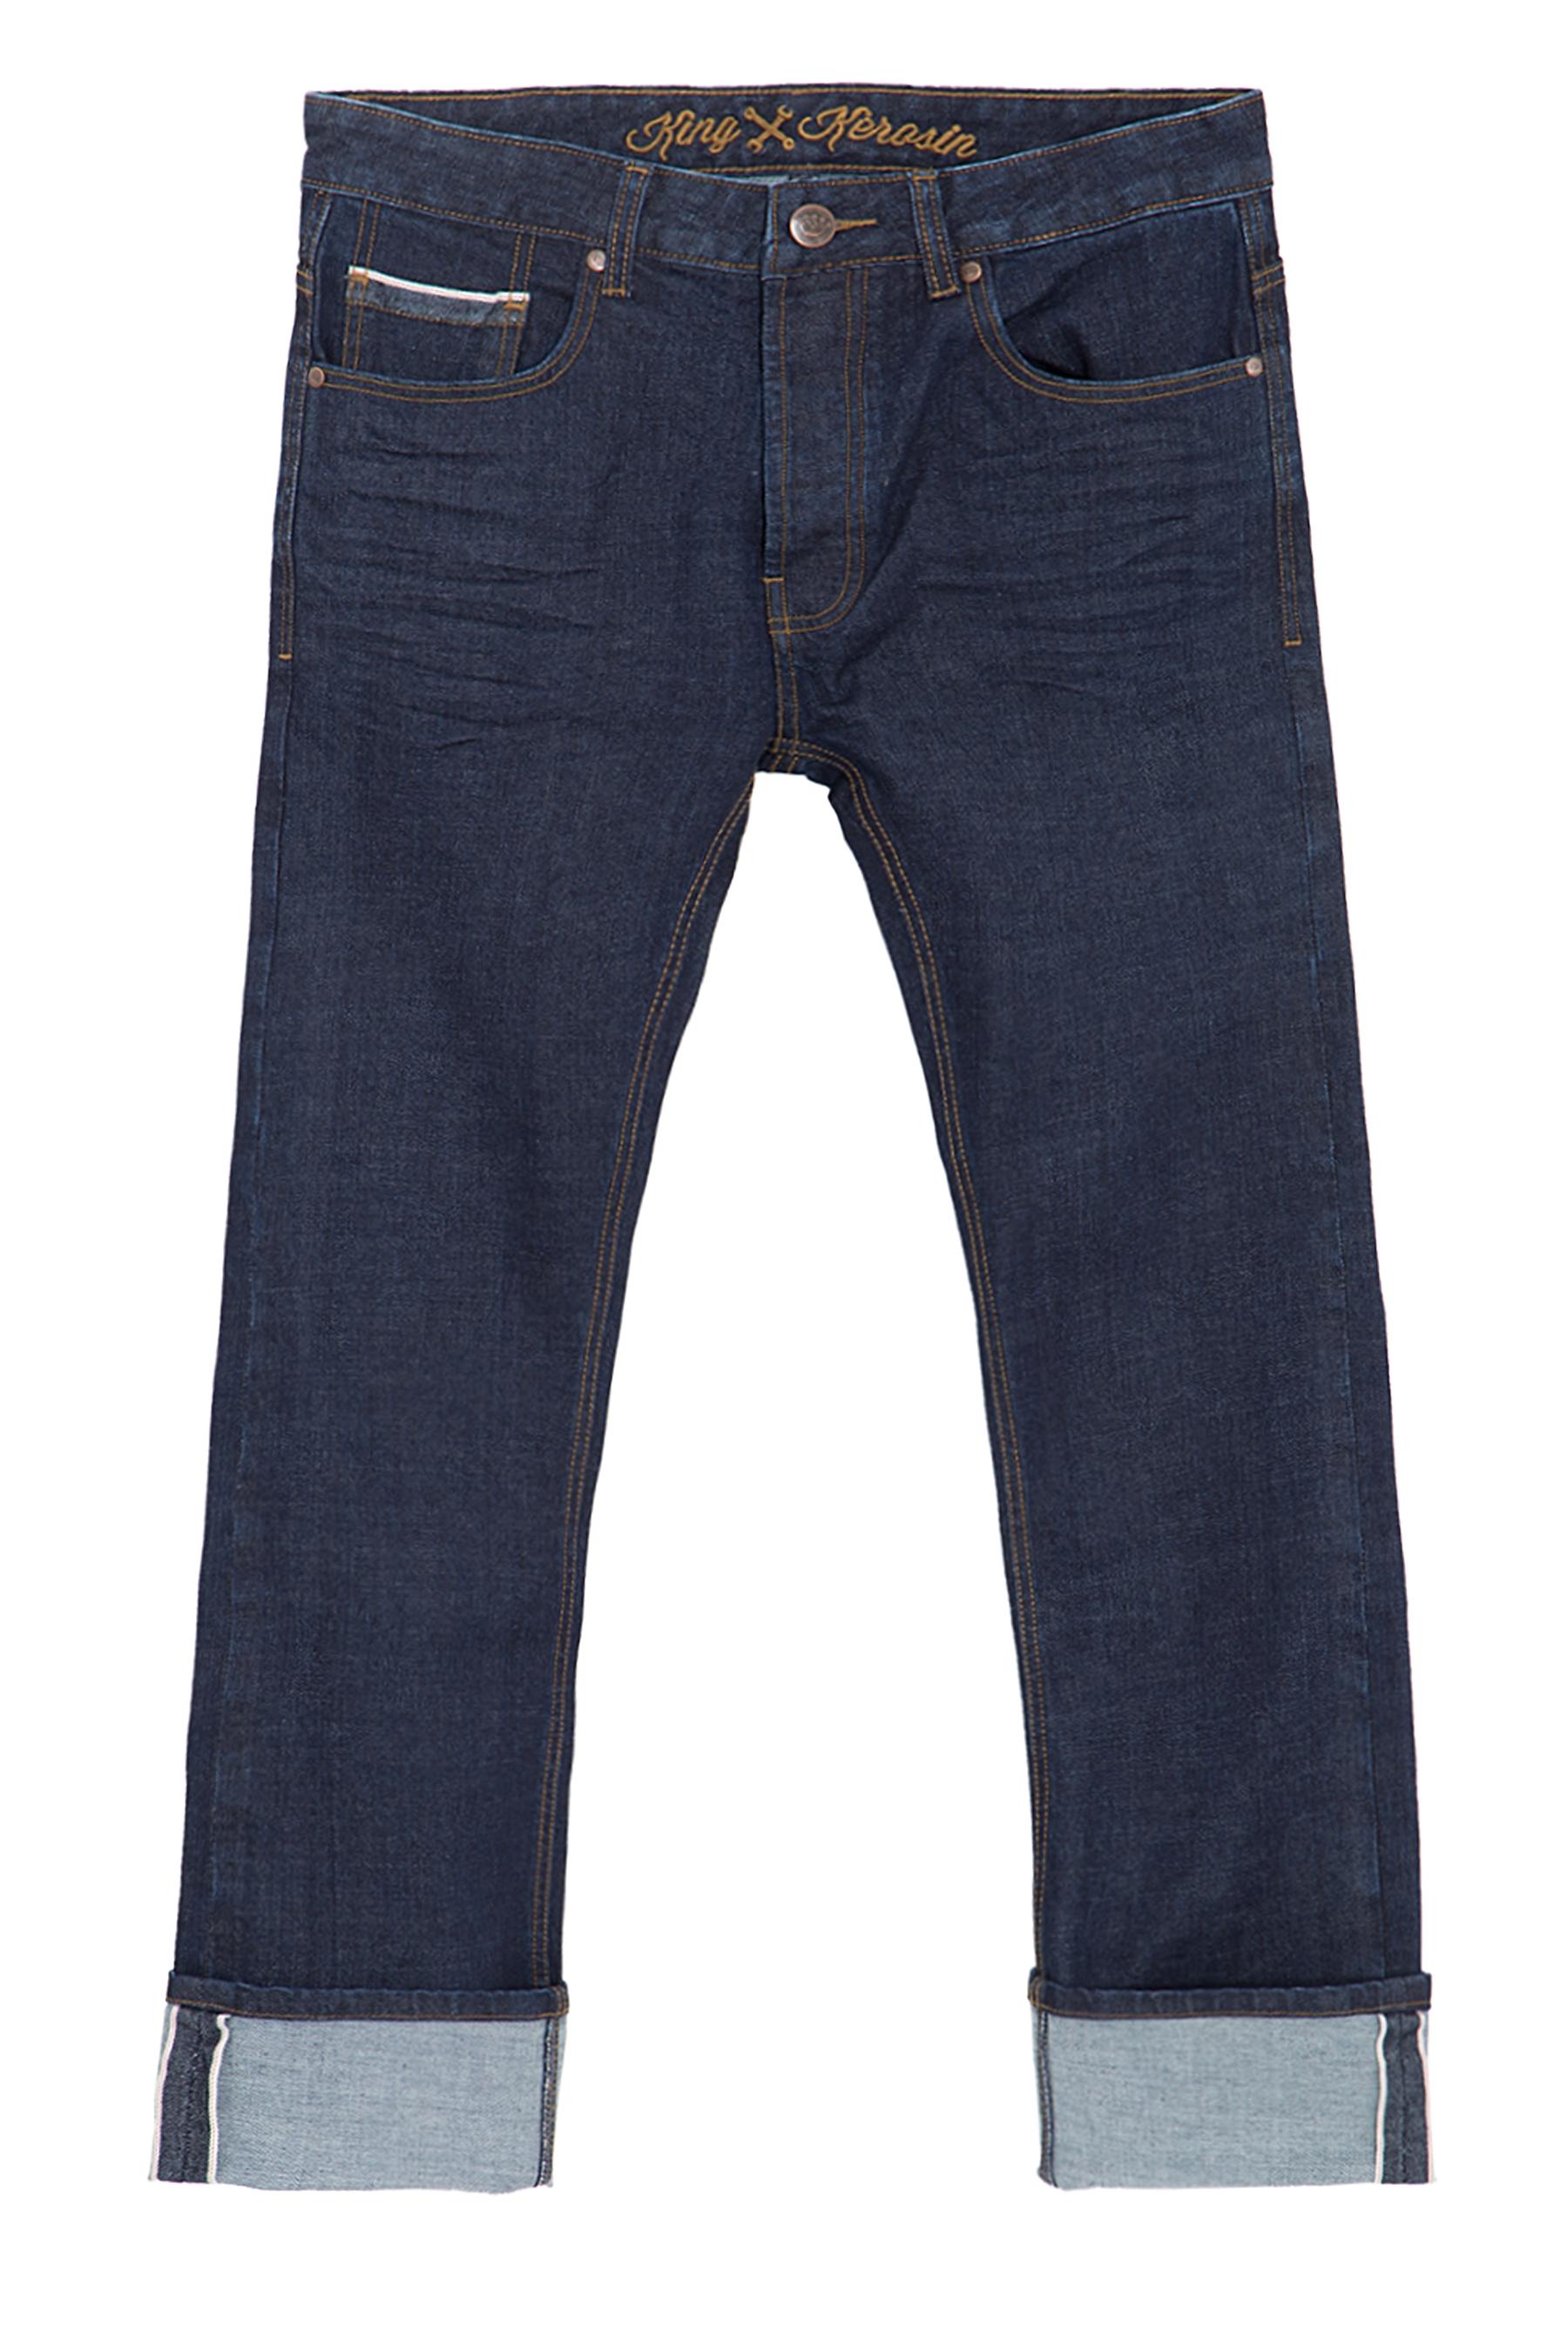 king kerosin selvedge jeans in cleanem rinsed wash king. Black Bedroom Furniture Sets. Home Design Ideas